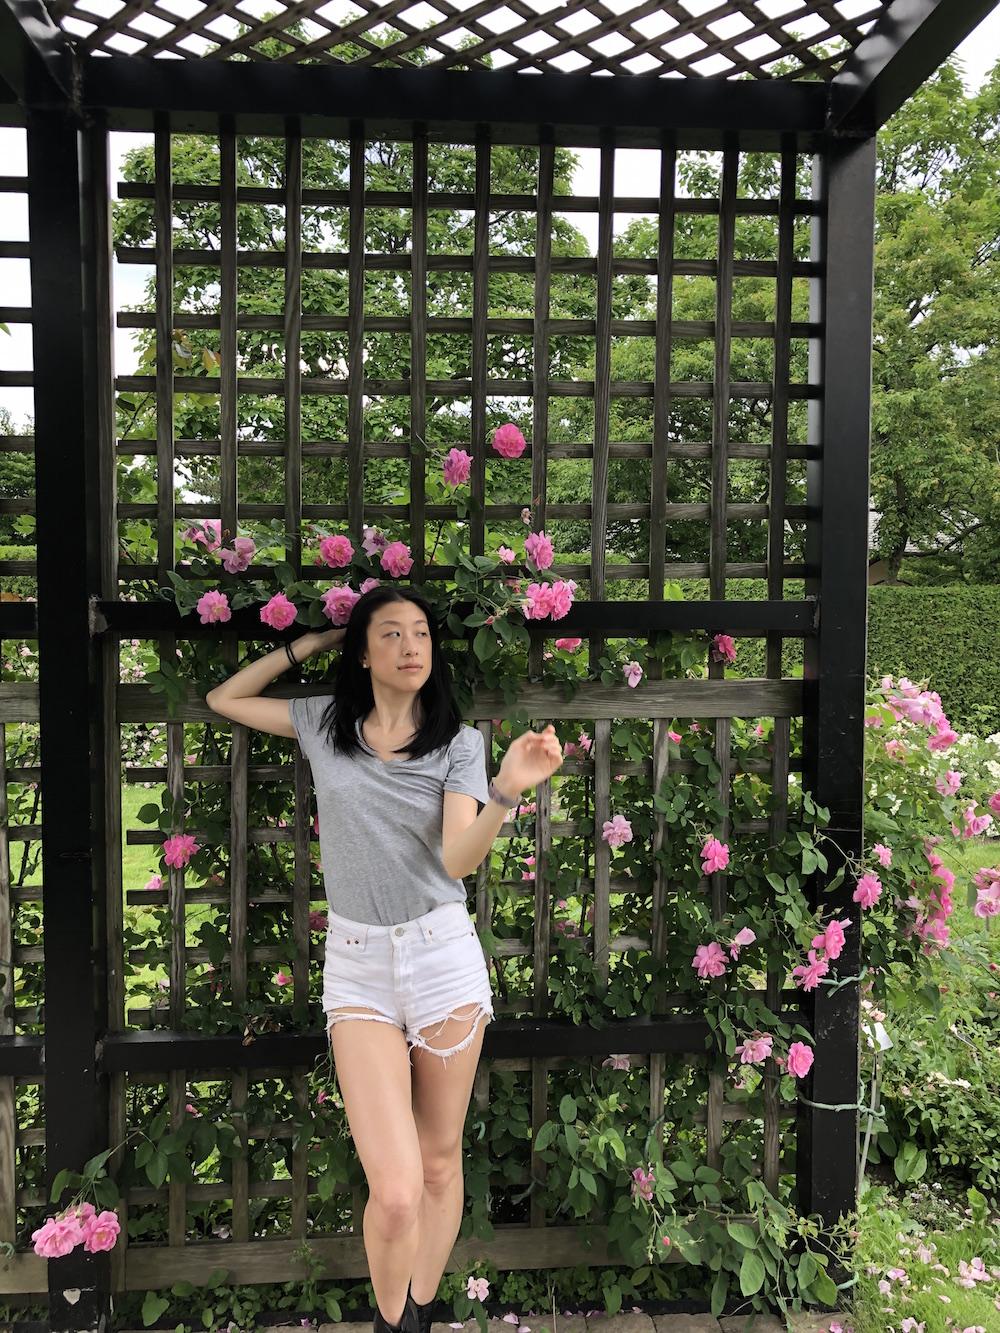 Gi Shieh wearing grey shirt white shorts in Montreal Botanical Gardens rose garden